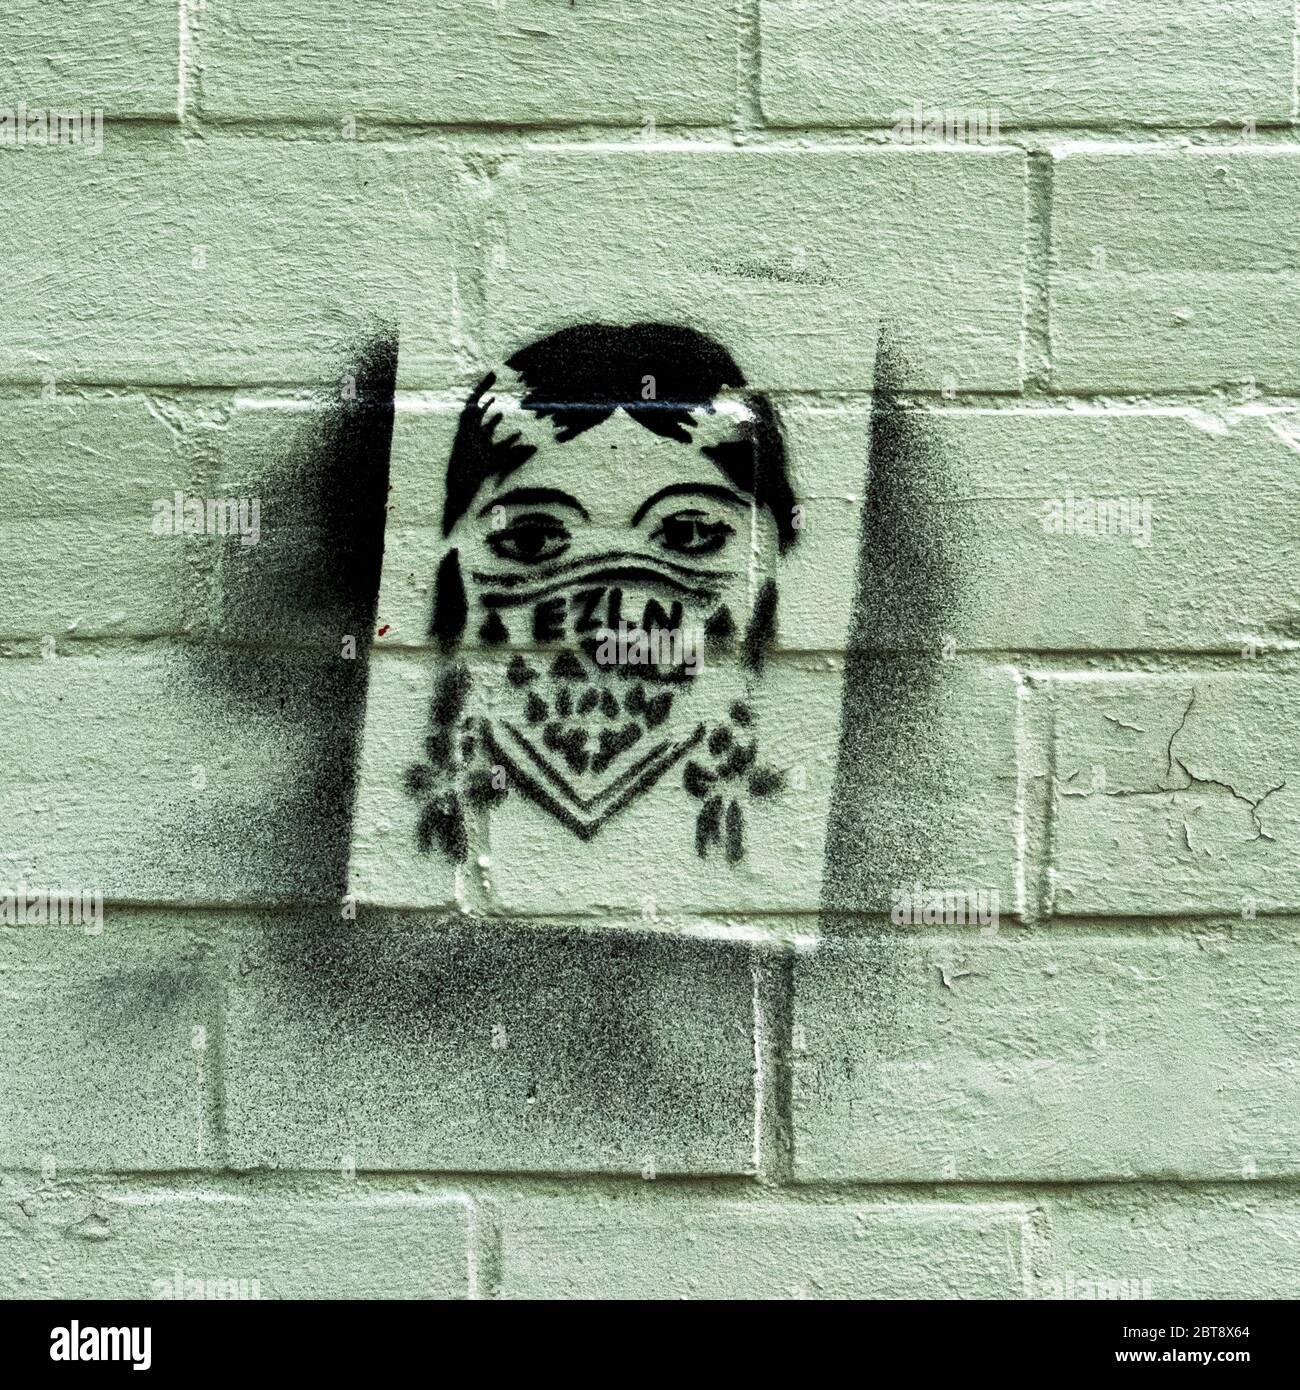 Street Art Schablone einer Frau mit einer schützenden Gesichtsmaske in der Worther Straße während der COVID-19 Pandemic, Prenzlauer berg, Berlin Stockfoto